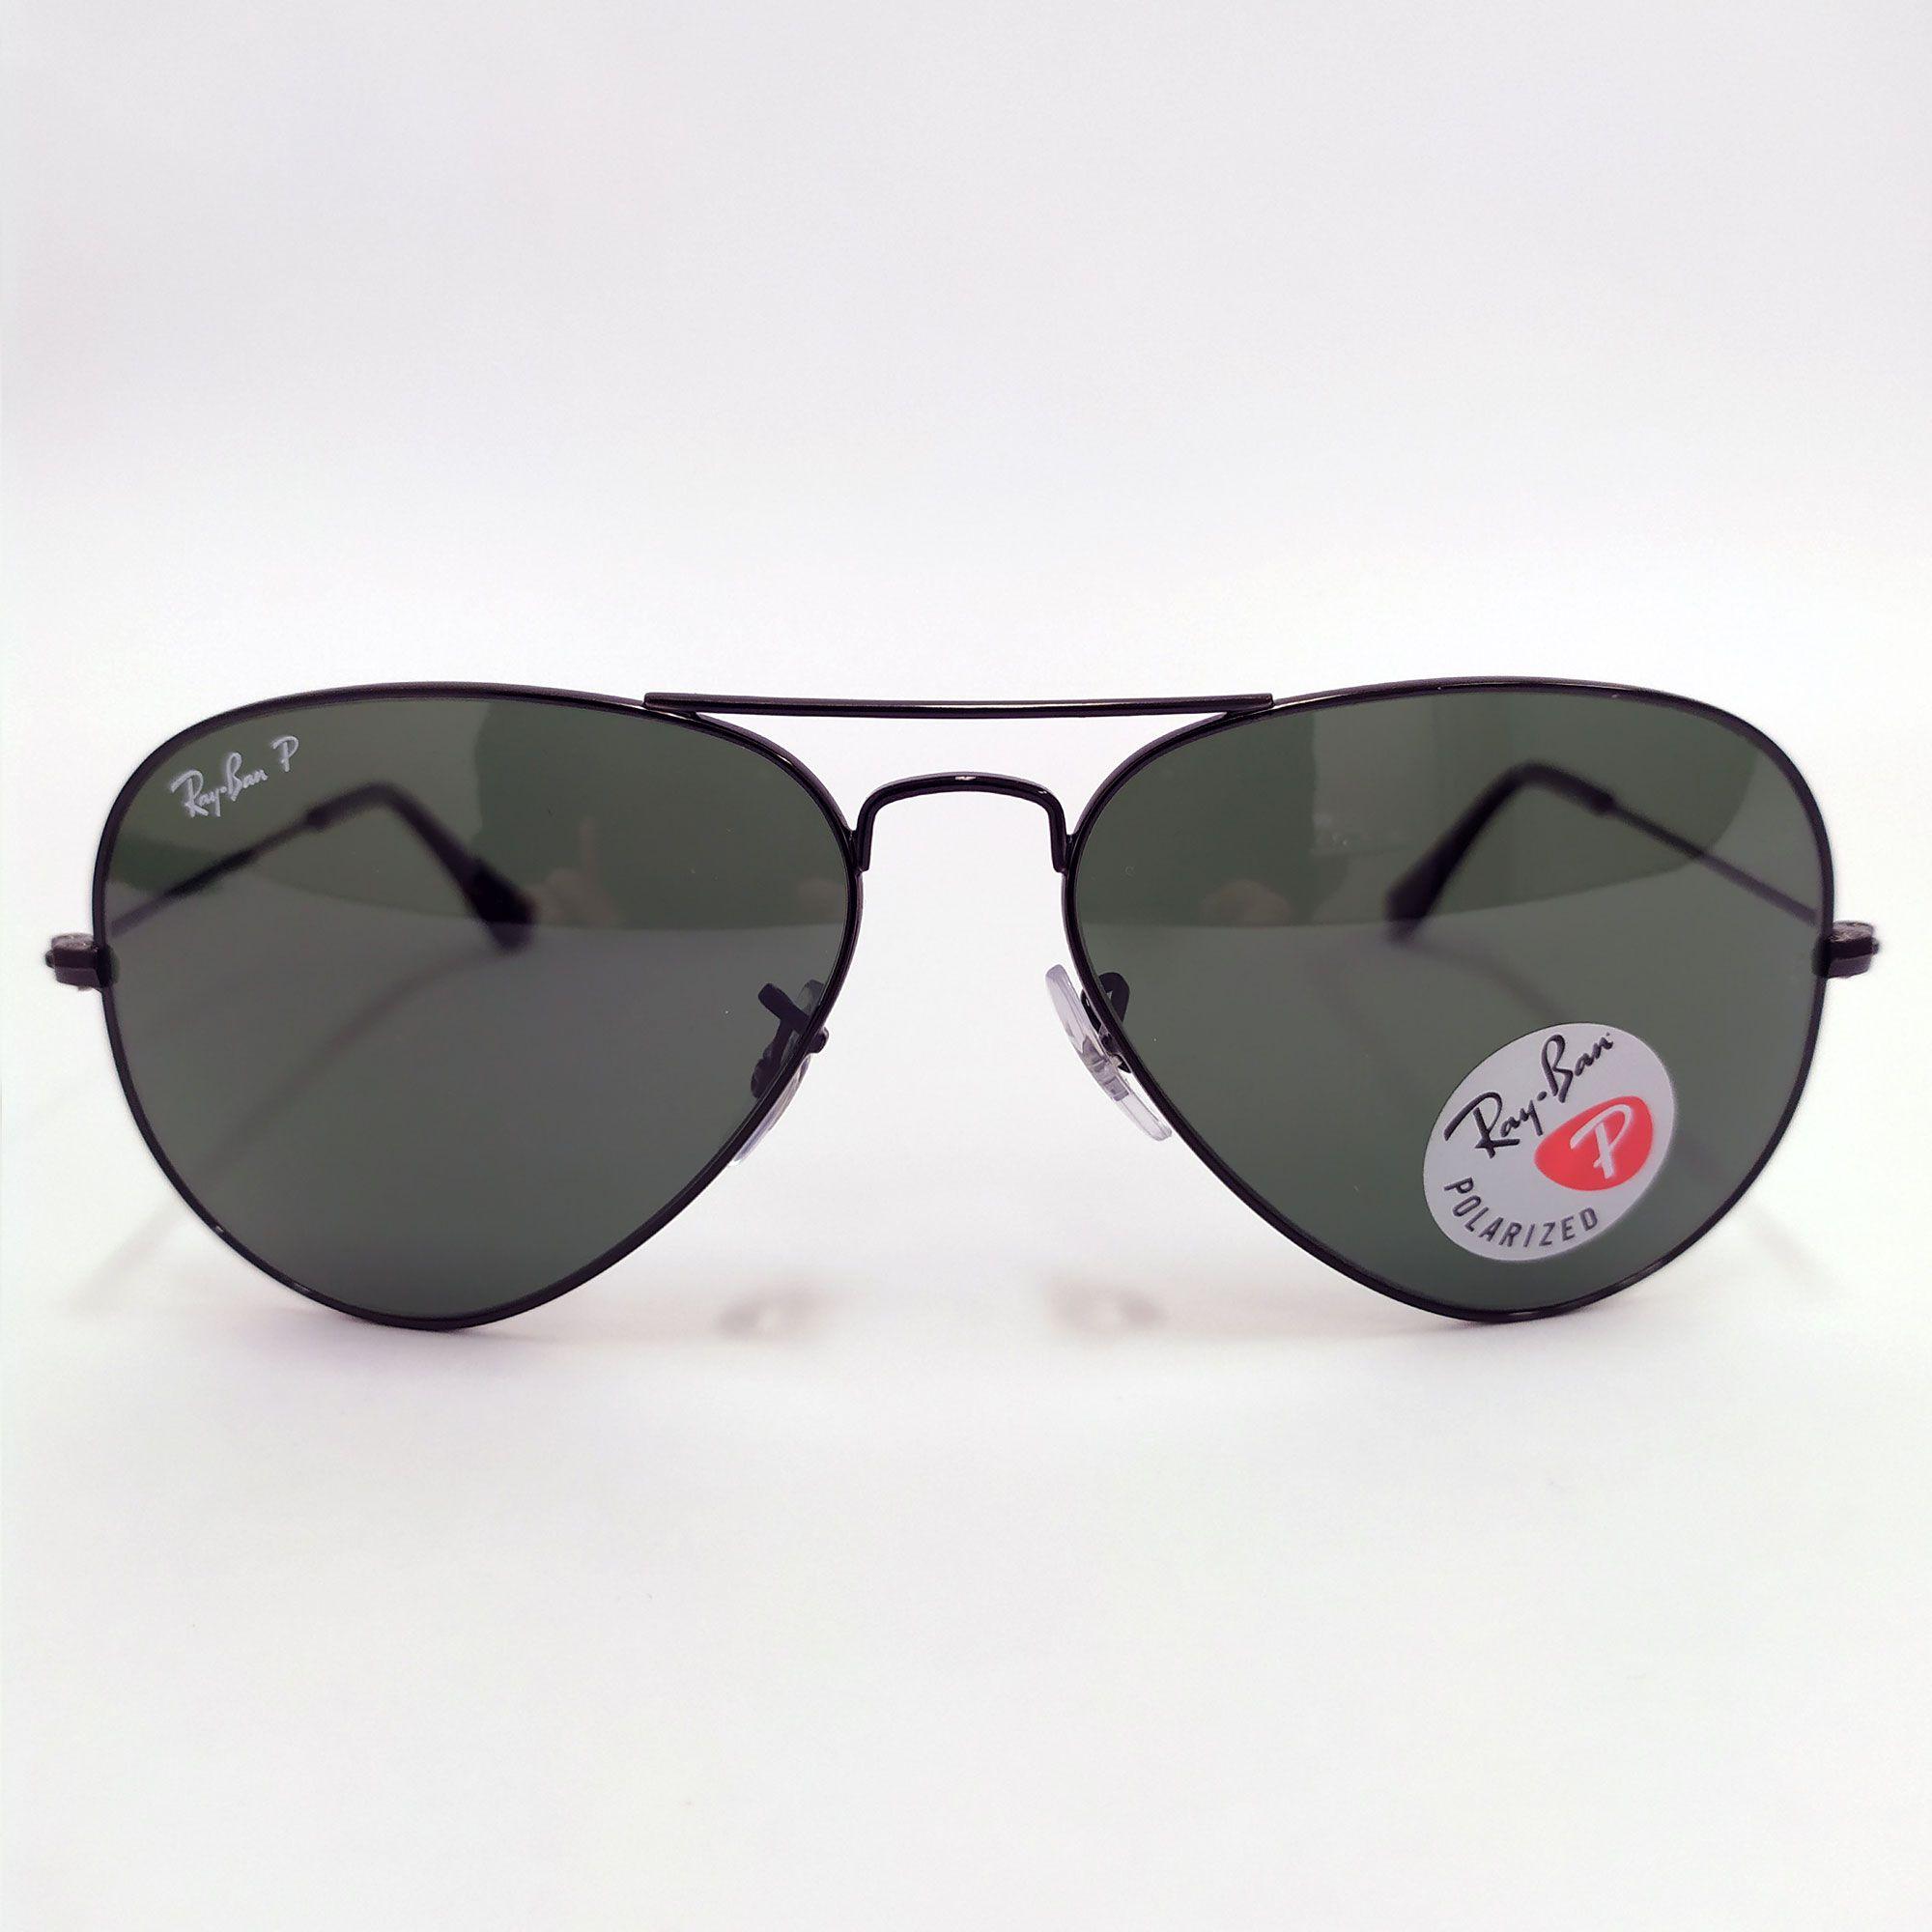 Óculos de Sol Ray-Ban Aviator Clássico Preto com Lente Verde Clássica G-15 3025L